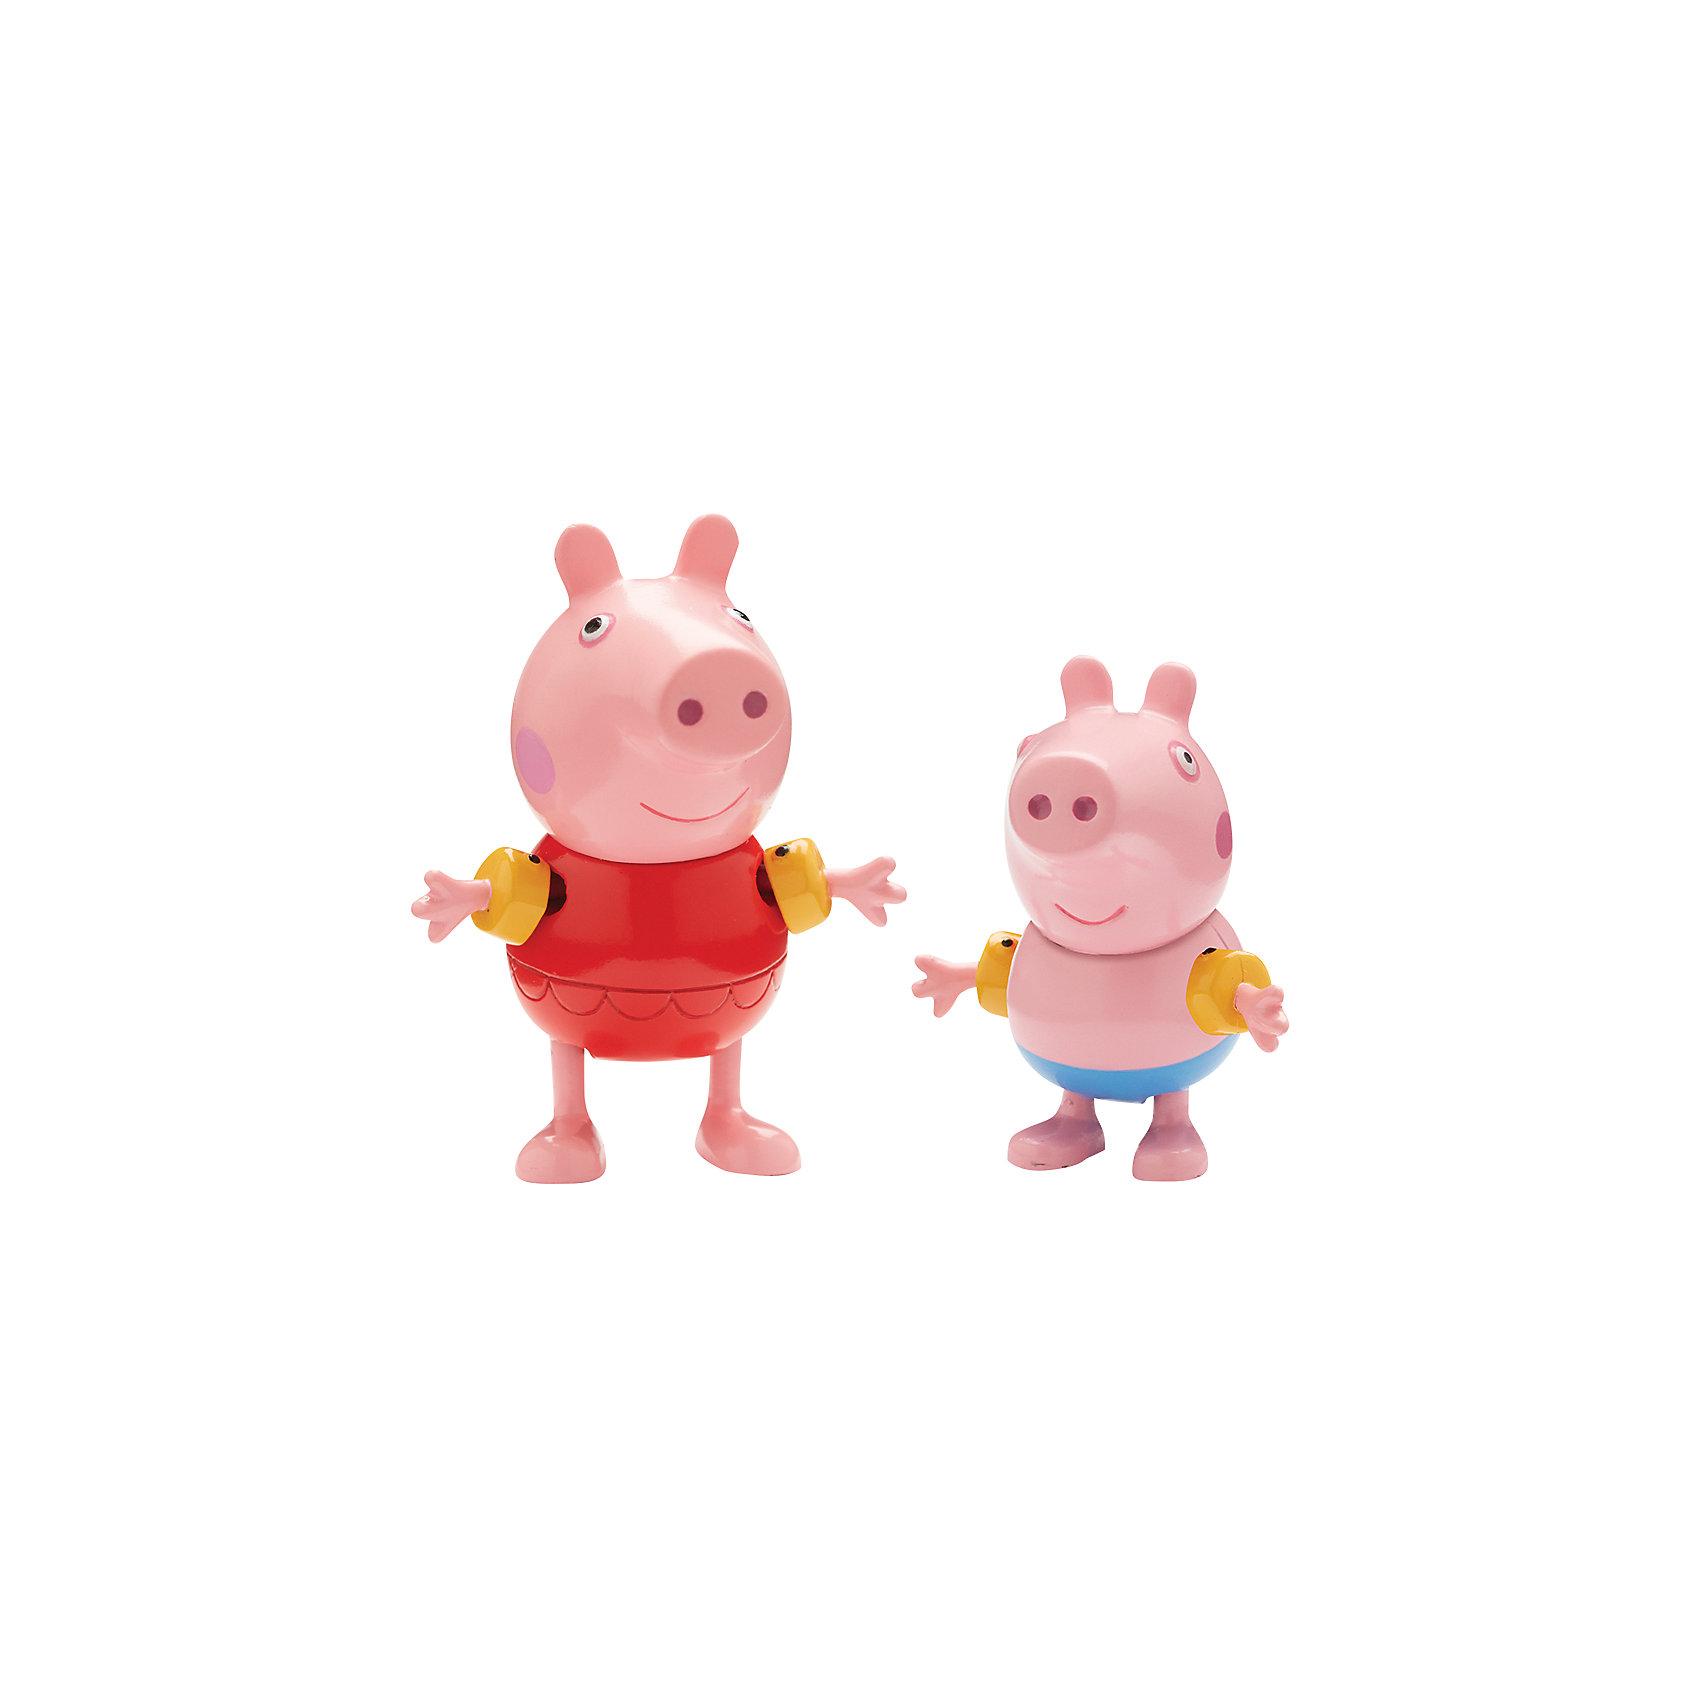 Росмэн Игровой набор Пеппа на каникулах, Peppa Pig росмэн росмэн игровой набор peppa pig трехэтажный дом пеппы